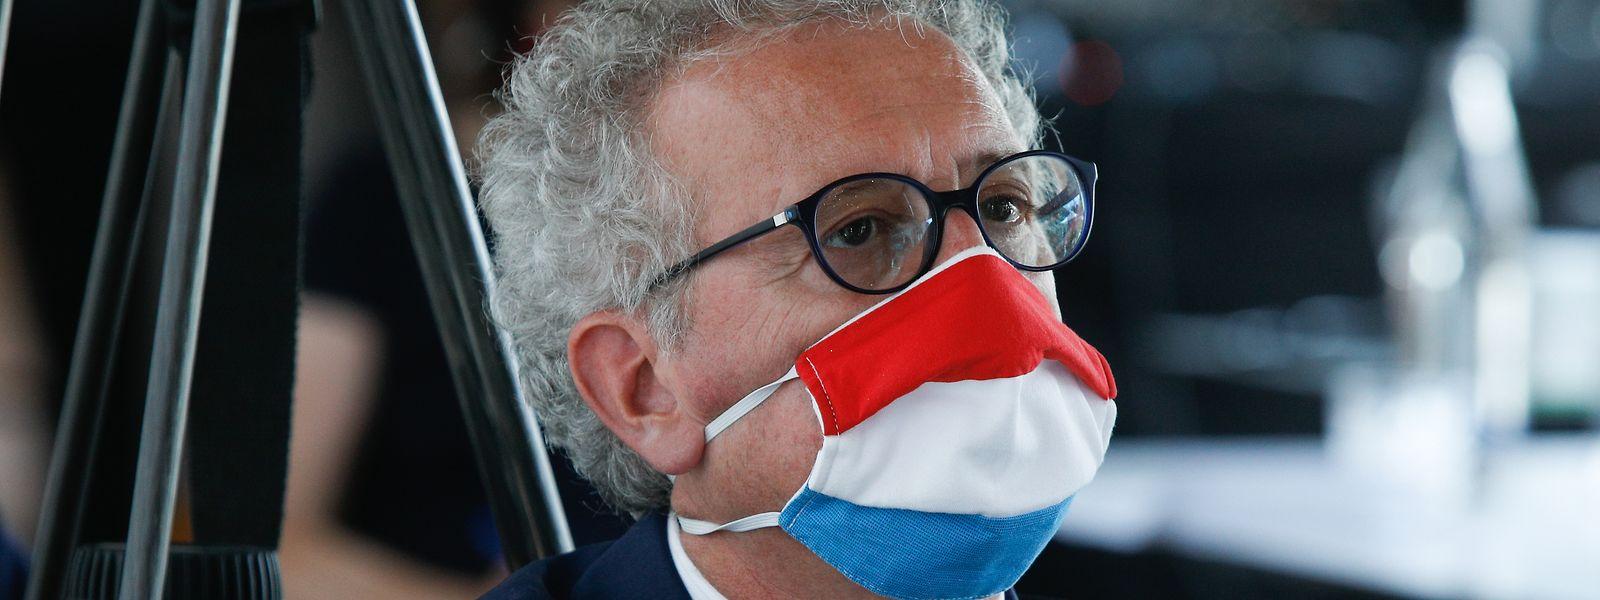 Selon Pierre Gramegna, ministre des Finances, les discussions autour du décompte définitif de l'année 2019 sont toujours en cours, huit mois après la date habituelle du versement des compensations fiscales.